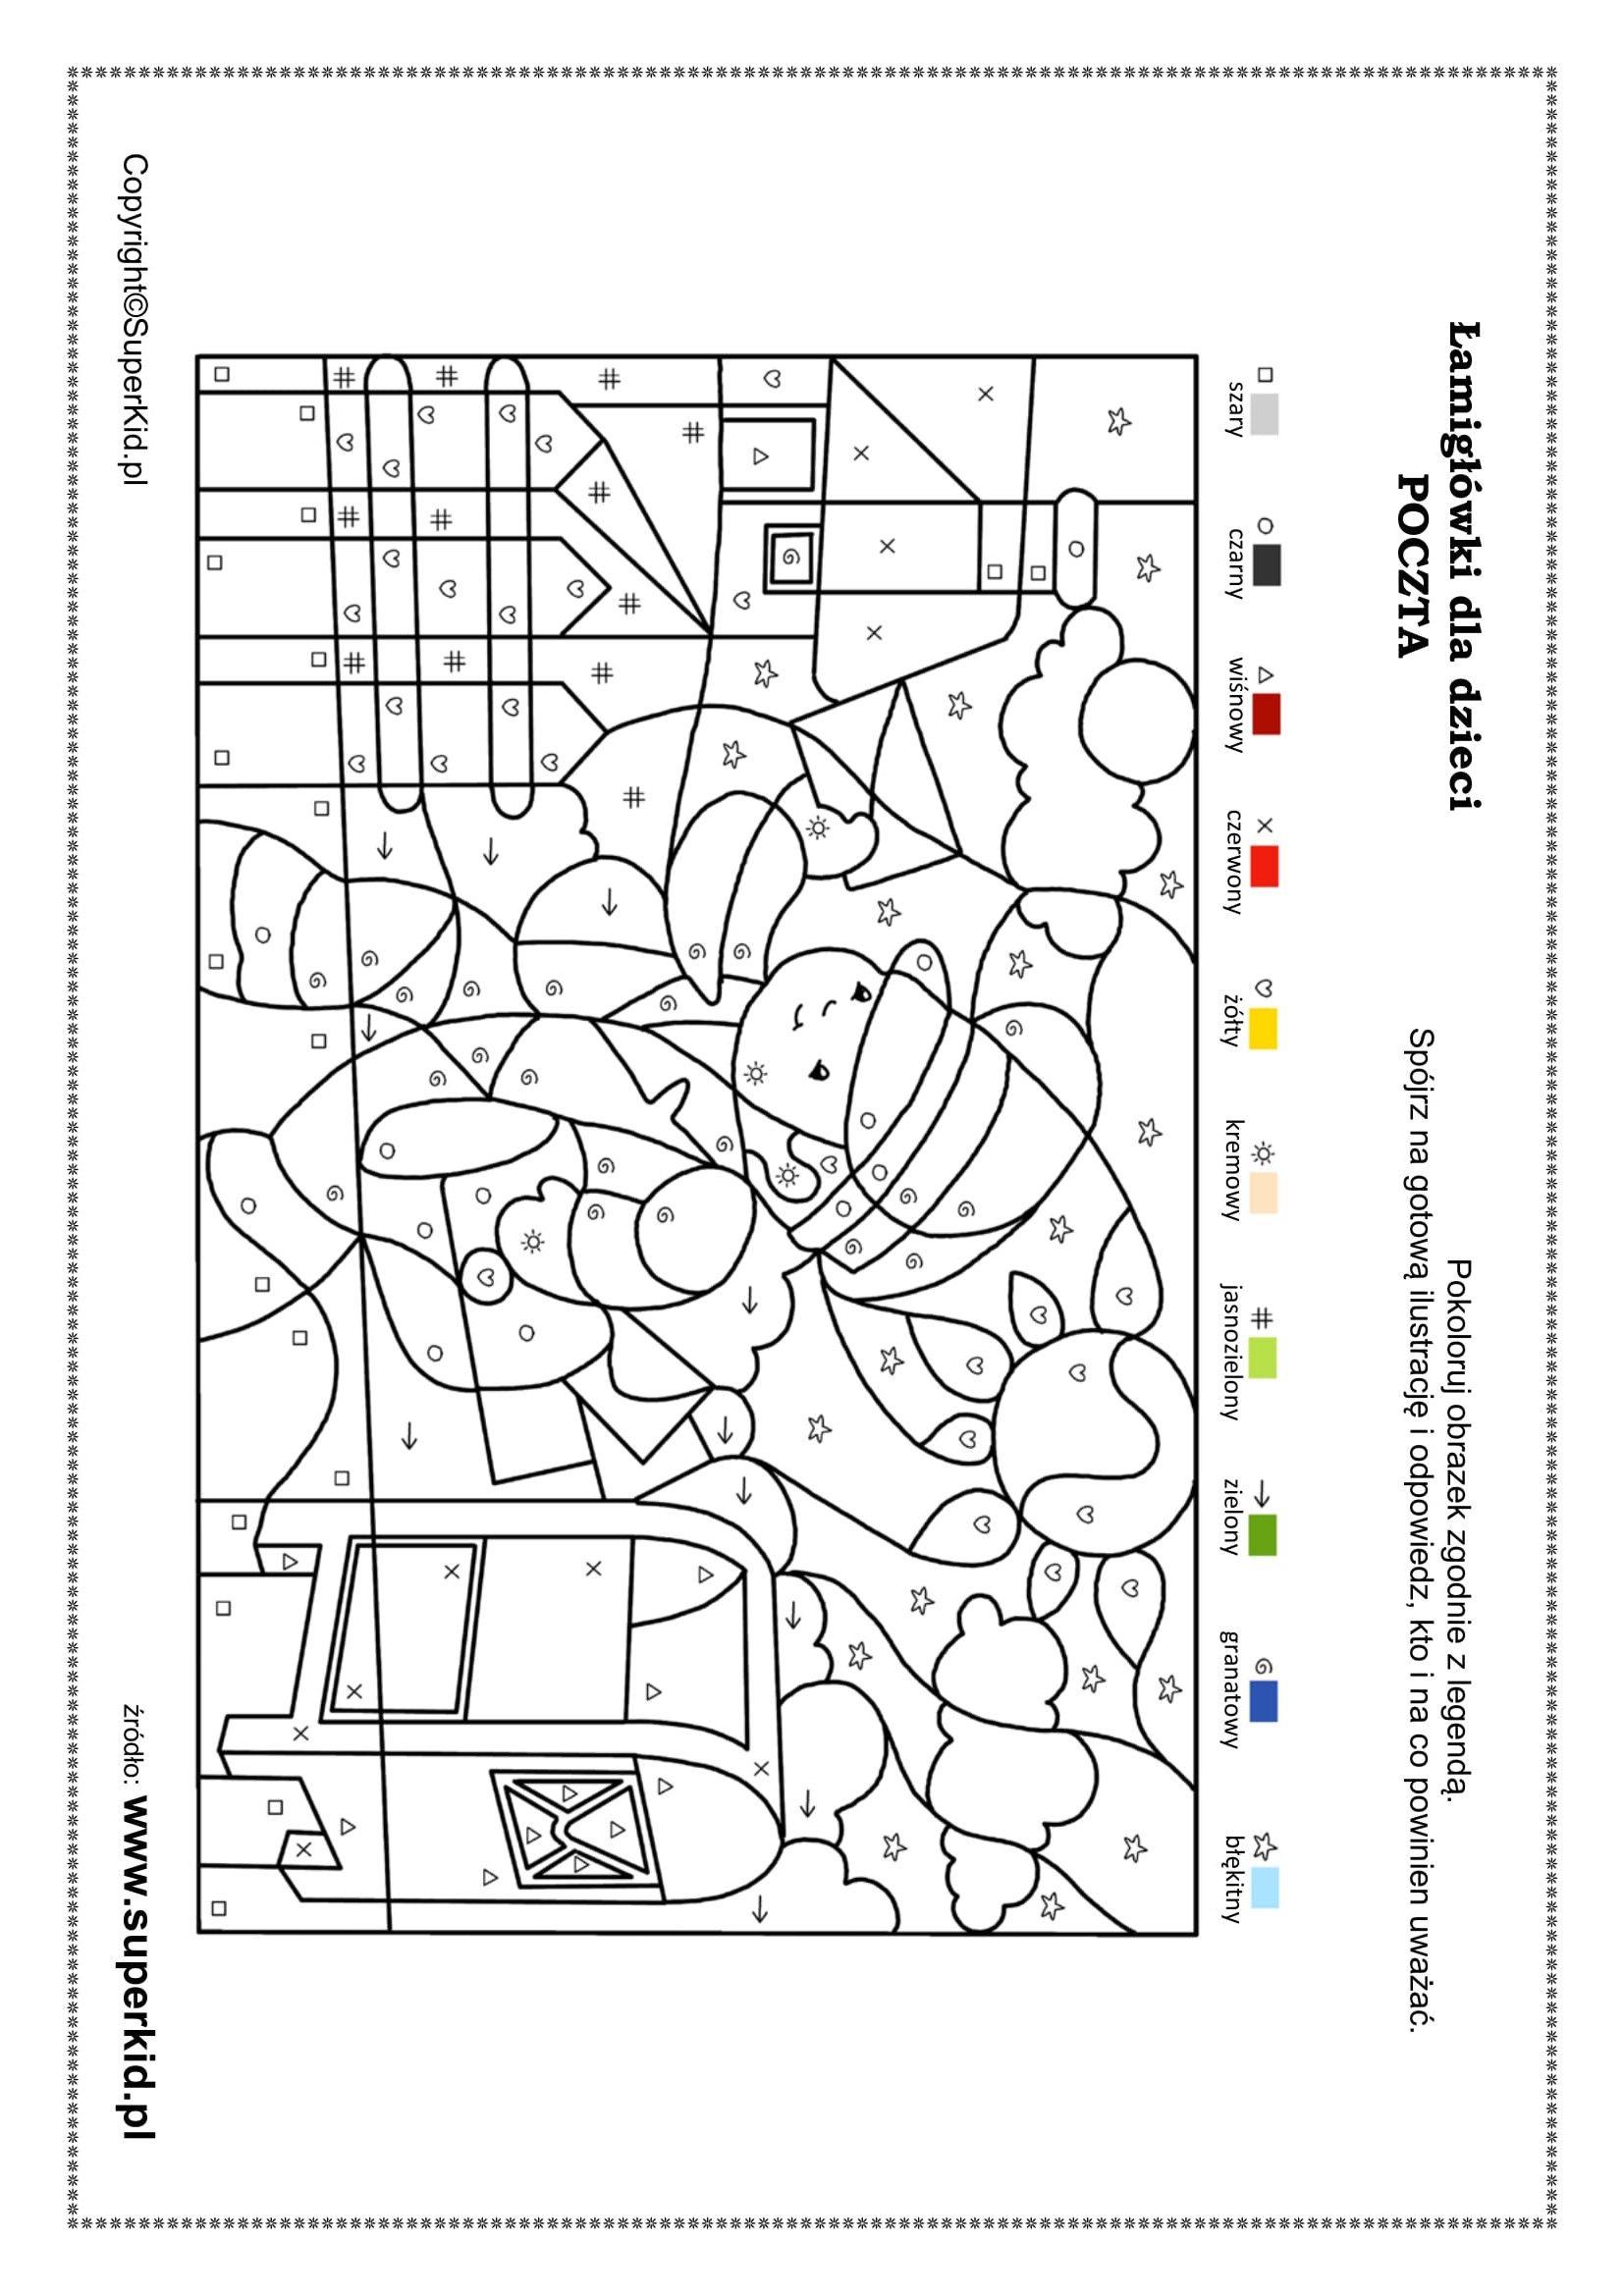 Pin By Gocha On Gocha In 2020 Activities For Kids Preschool Activities